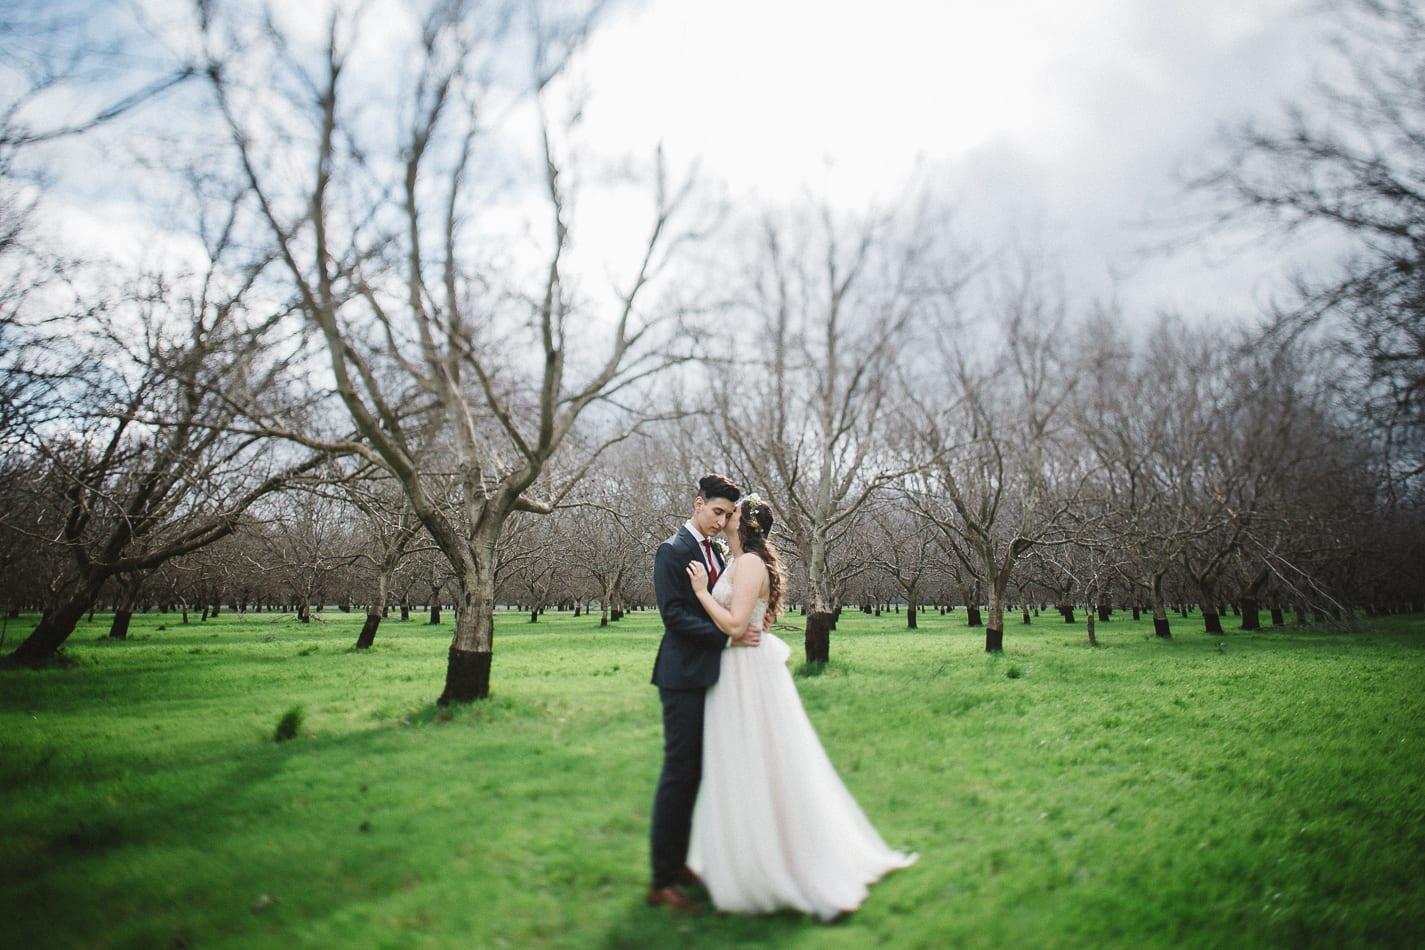 gover-ranch-redding-california-wedding-photographer-165